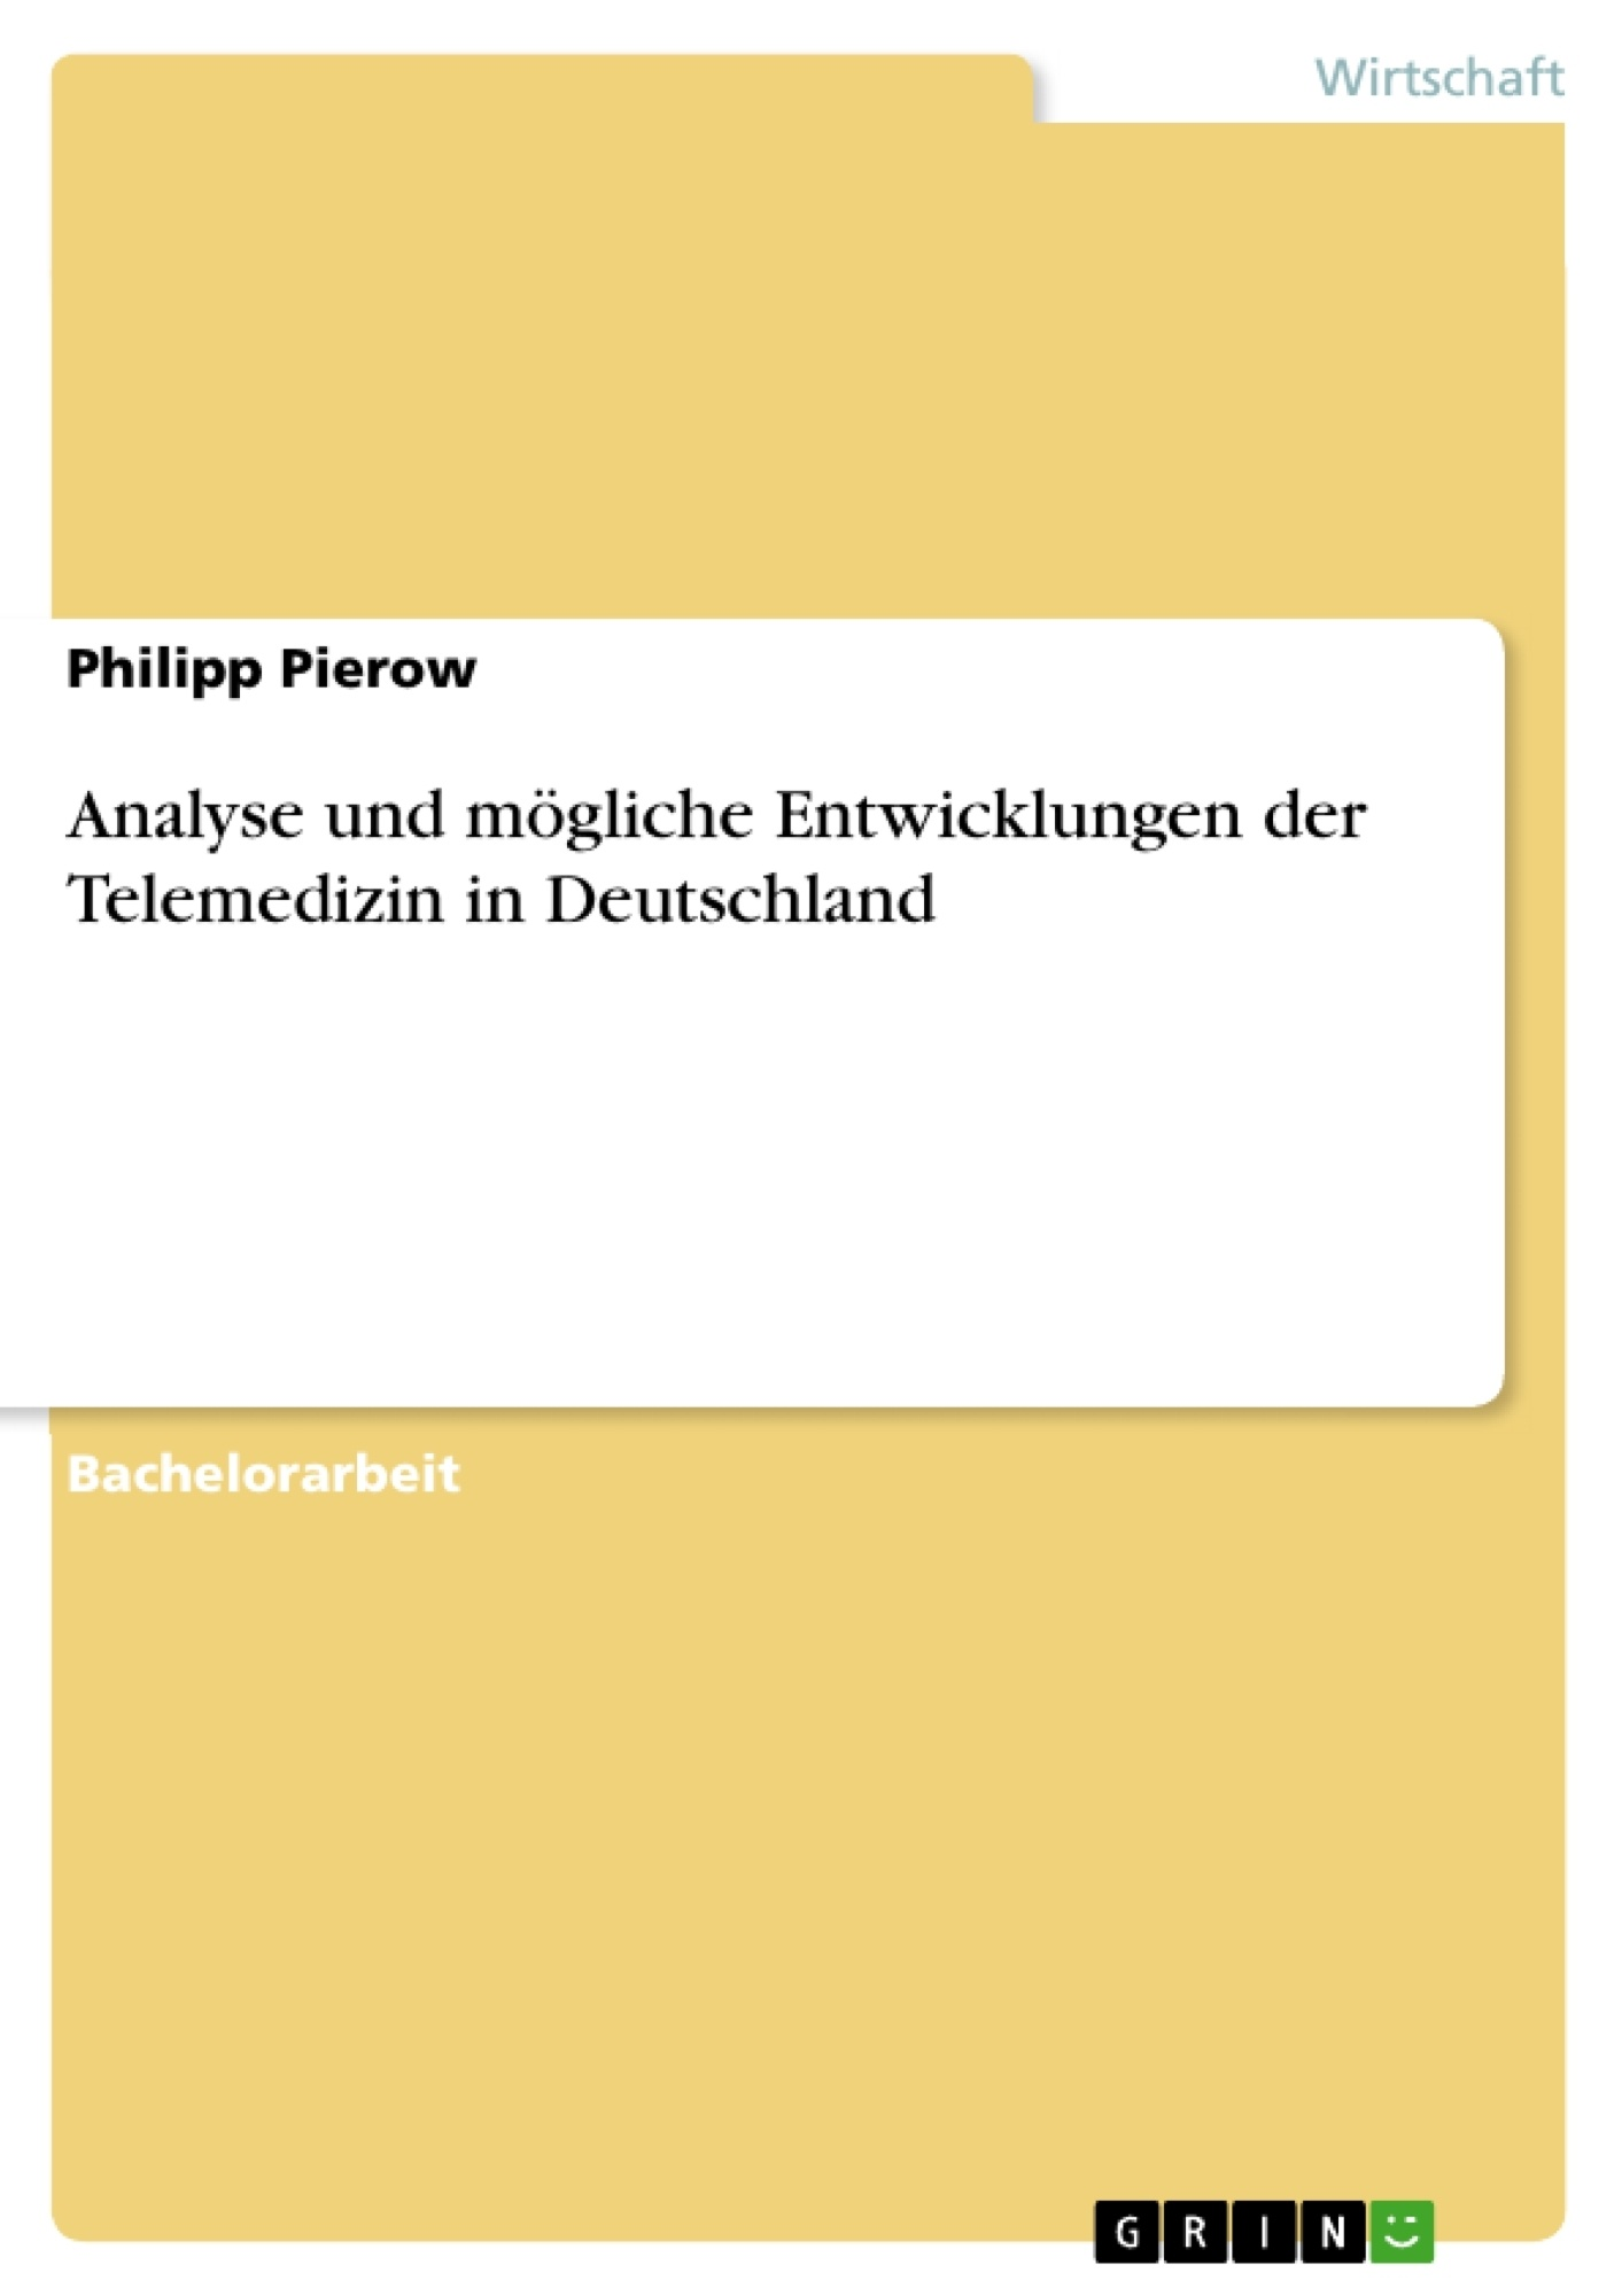 Titel: Analyse und mögliche Entwicklungen der Telemedizin in Deutschland